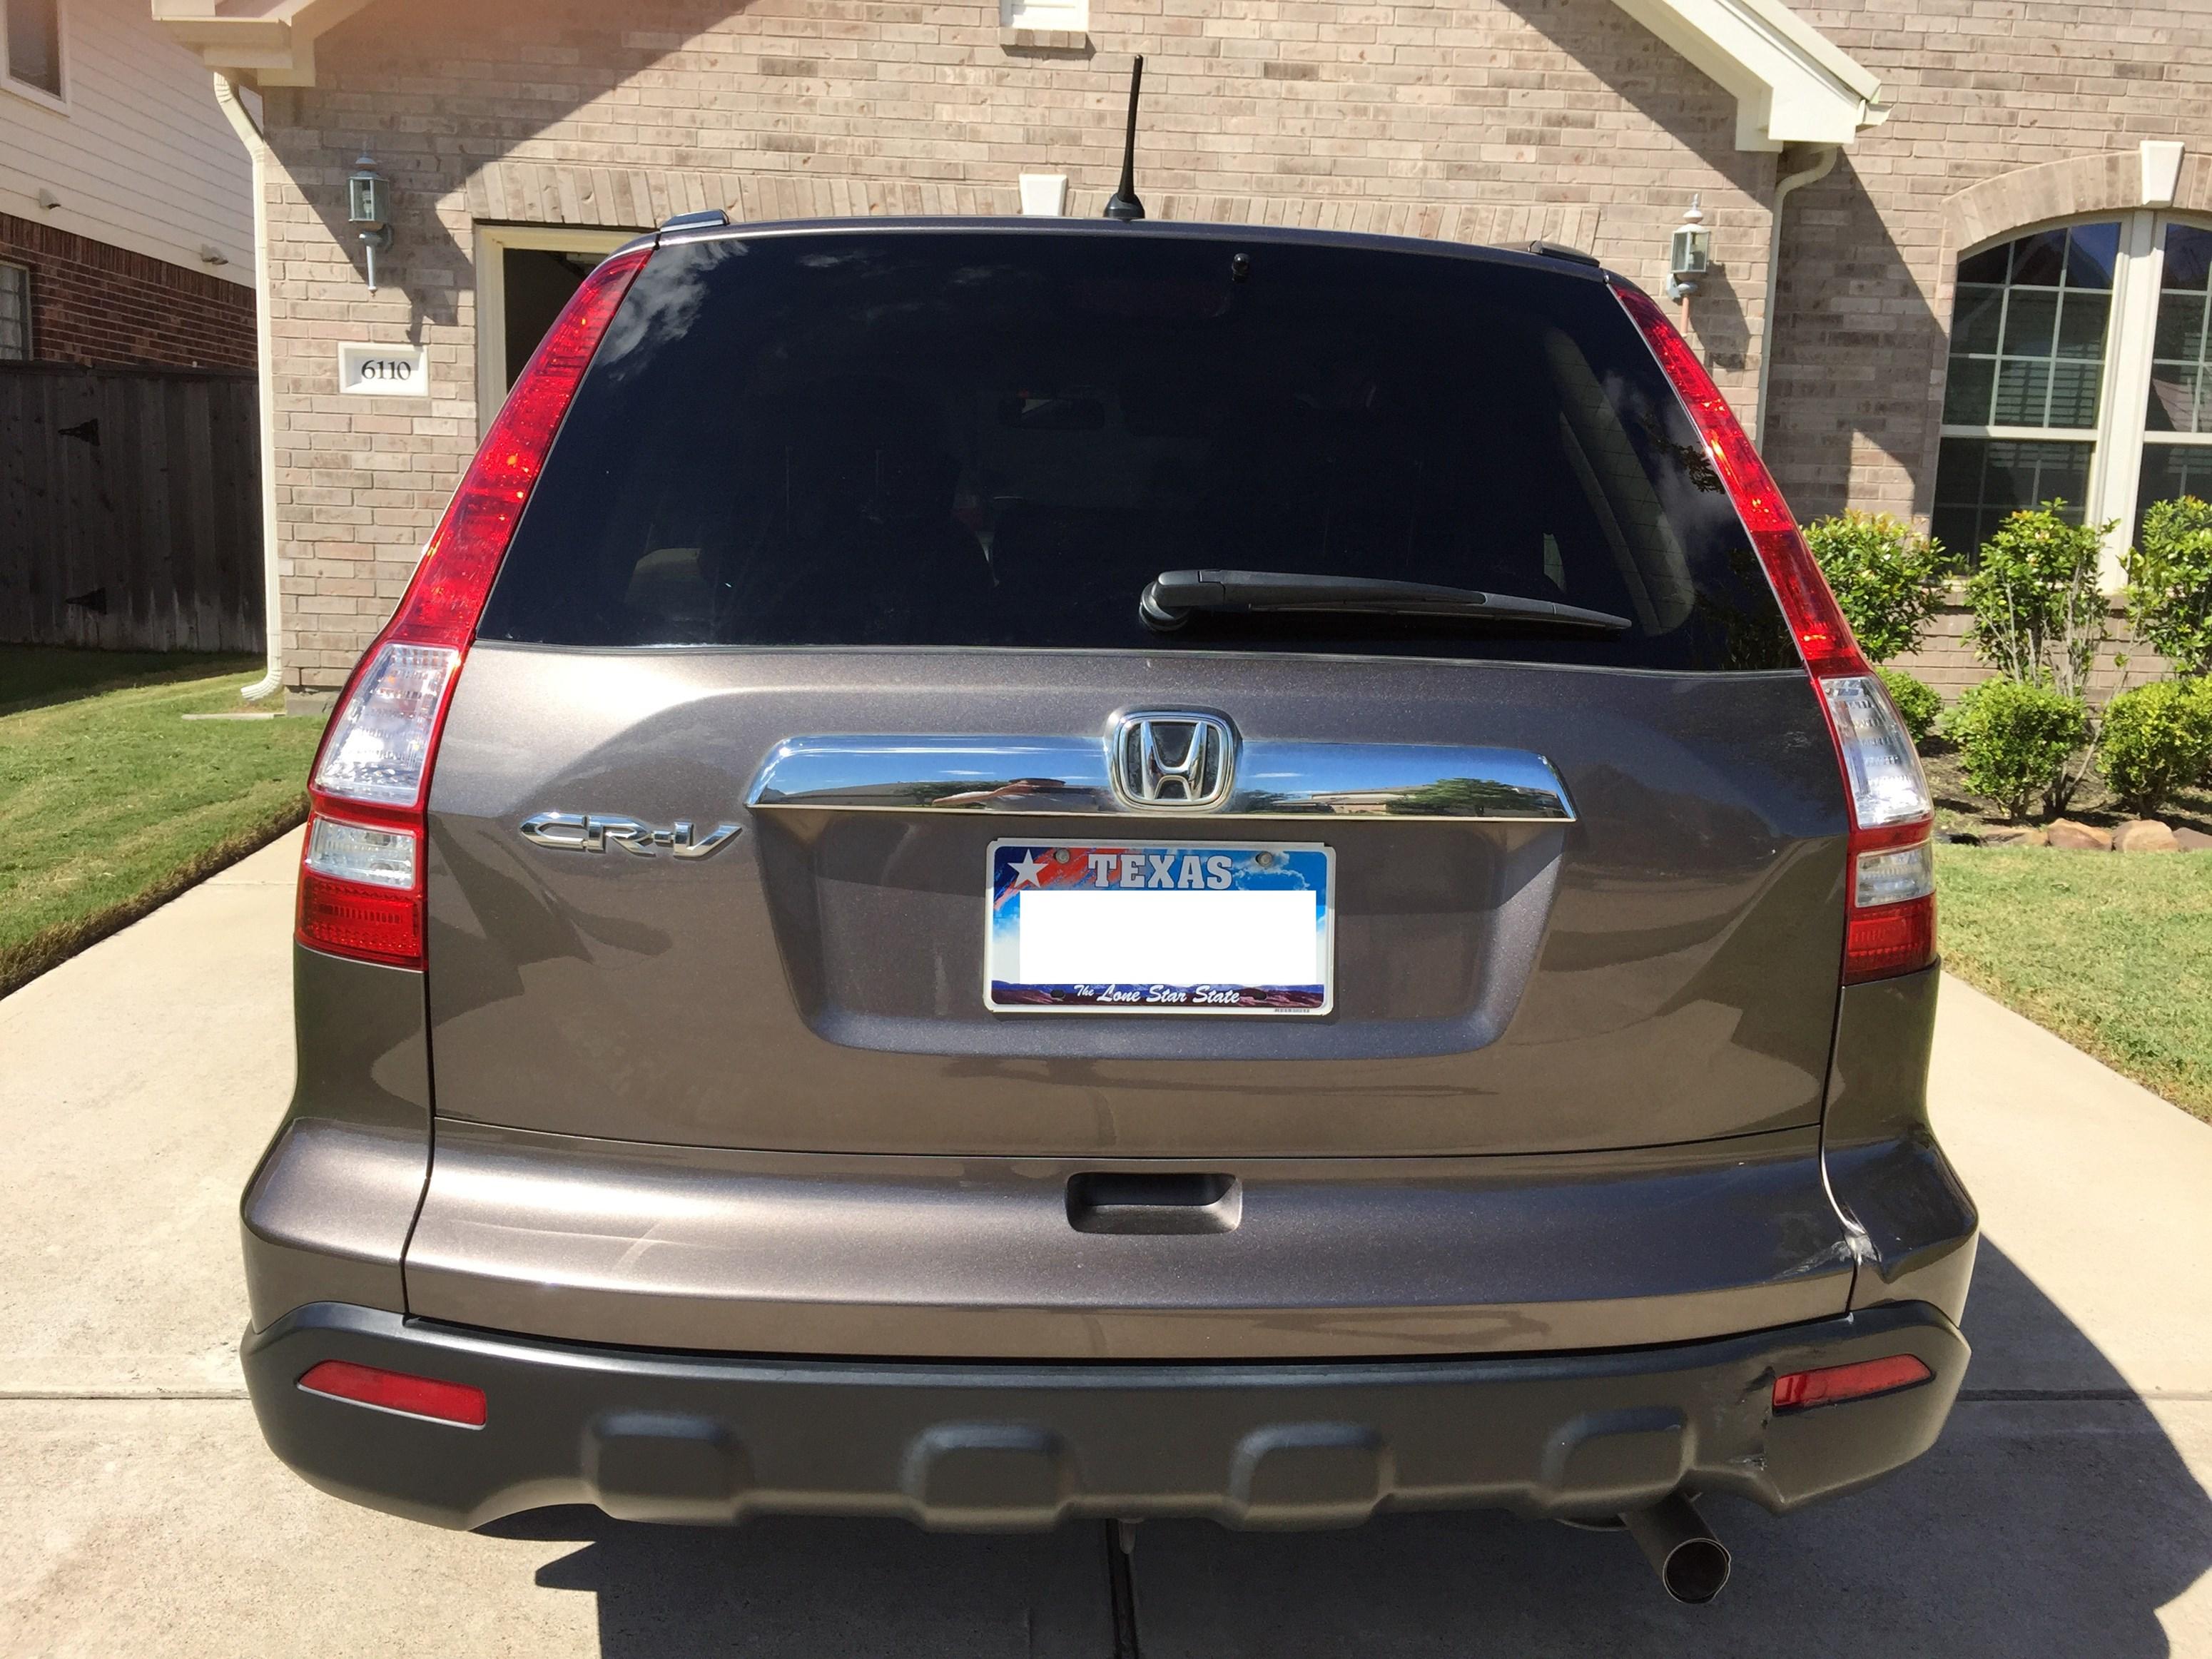 Honda CRV 2009, Used Honda CR-V Cars in Katy - AD 1159669